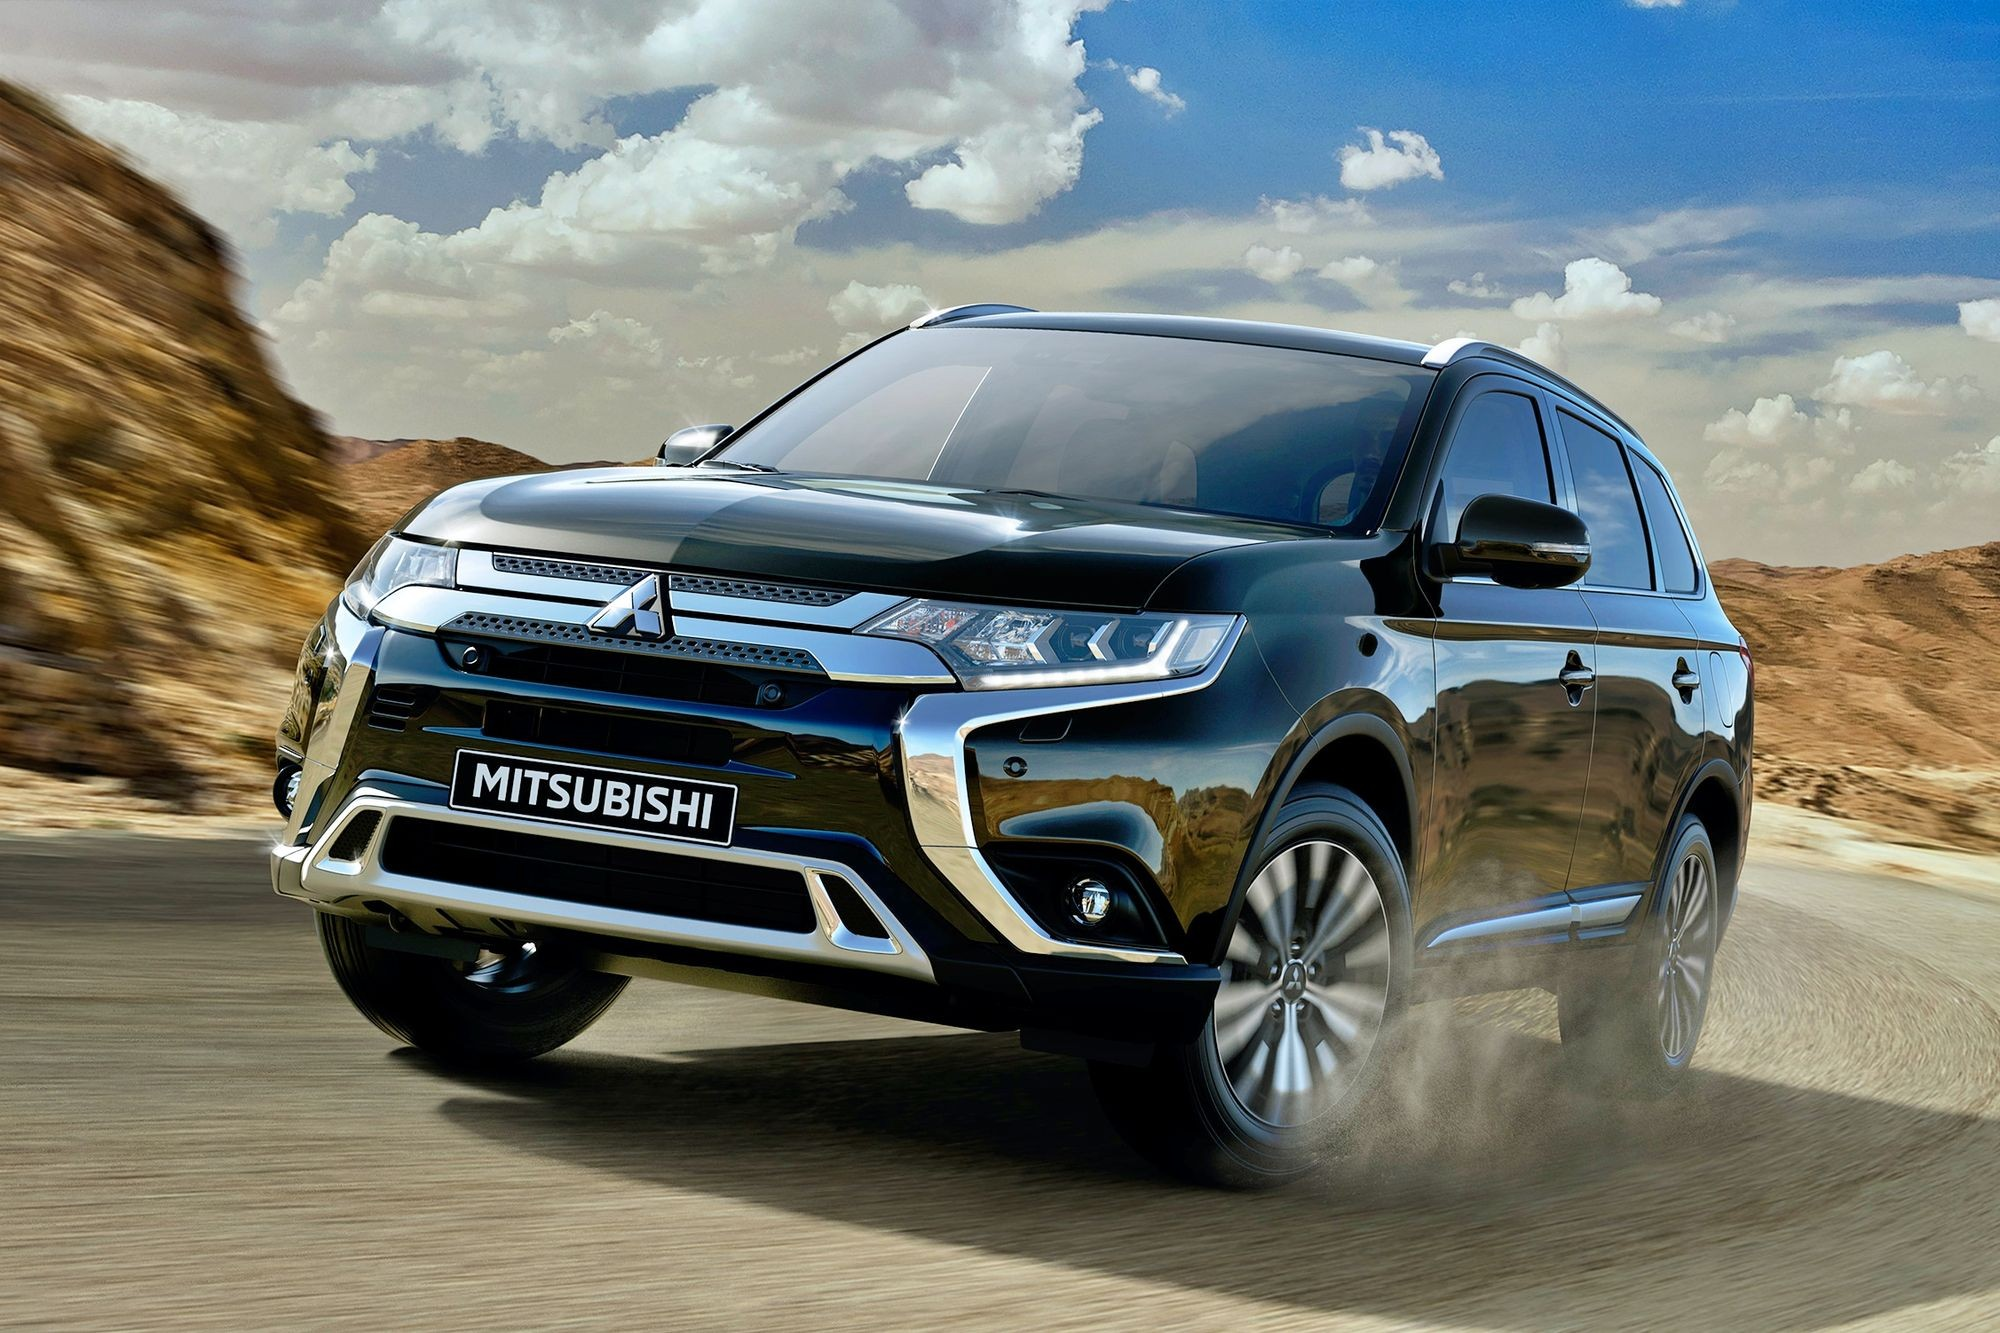 Ещё раз о планах Mitsubishi: Европа без новинок, в России — серая стабильность